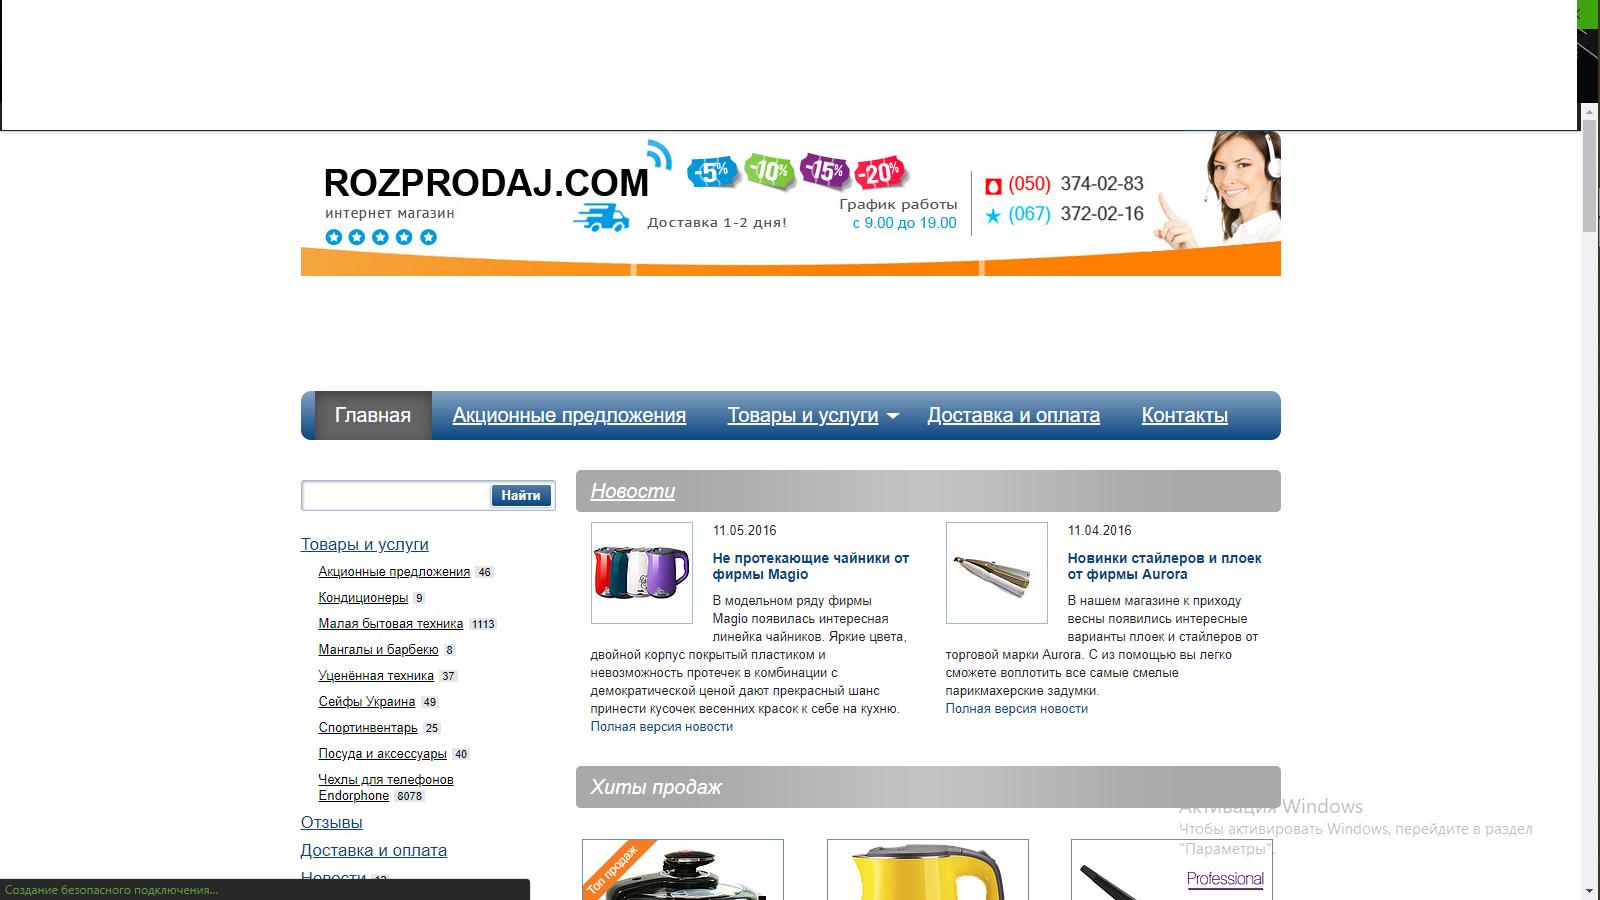 Фото Заполнение позиций на данном сайте и маркетплейсе Prom.ua, который является движком сайта. Заполнение фото, характеристик, полного описания товара. Подбор СЕО-слов. Непосредственно продажа через сайт.